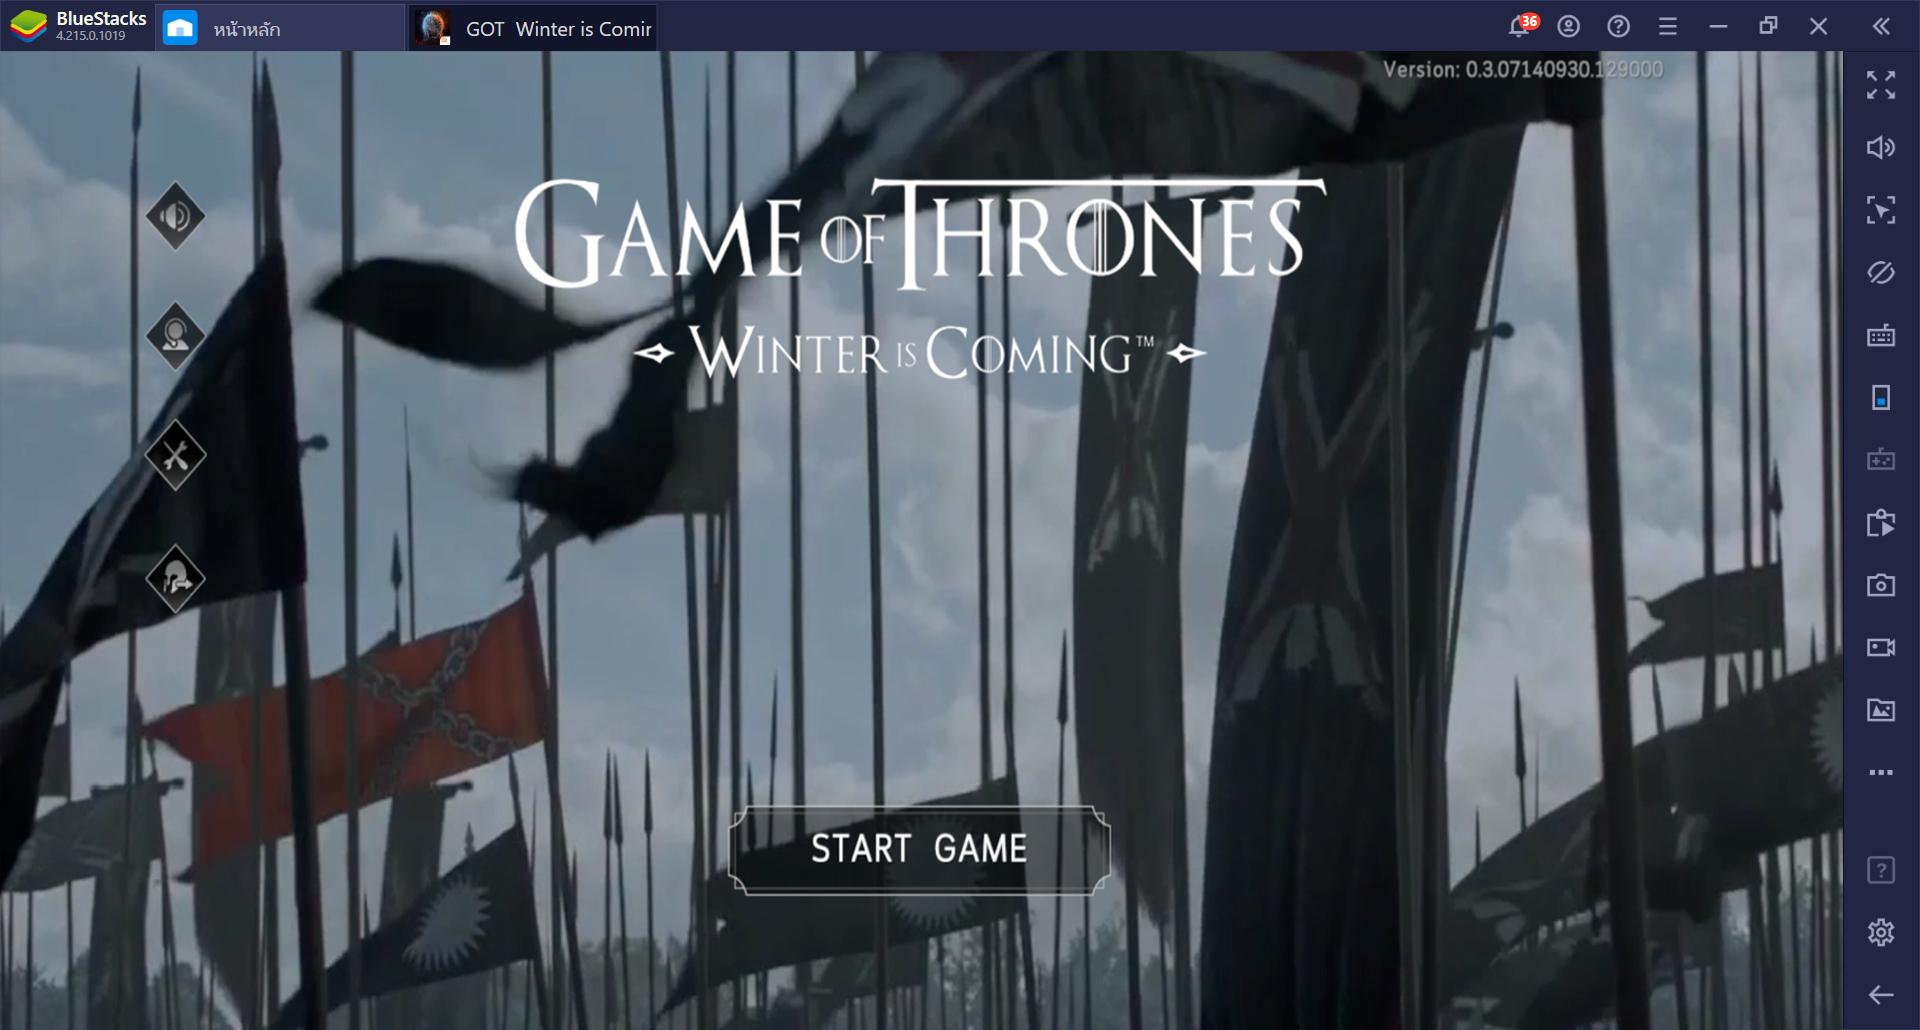 เหตุผลดีๆ ที่ไม่ควรพลาดกับเกม GOT: Winter is Coming M